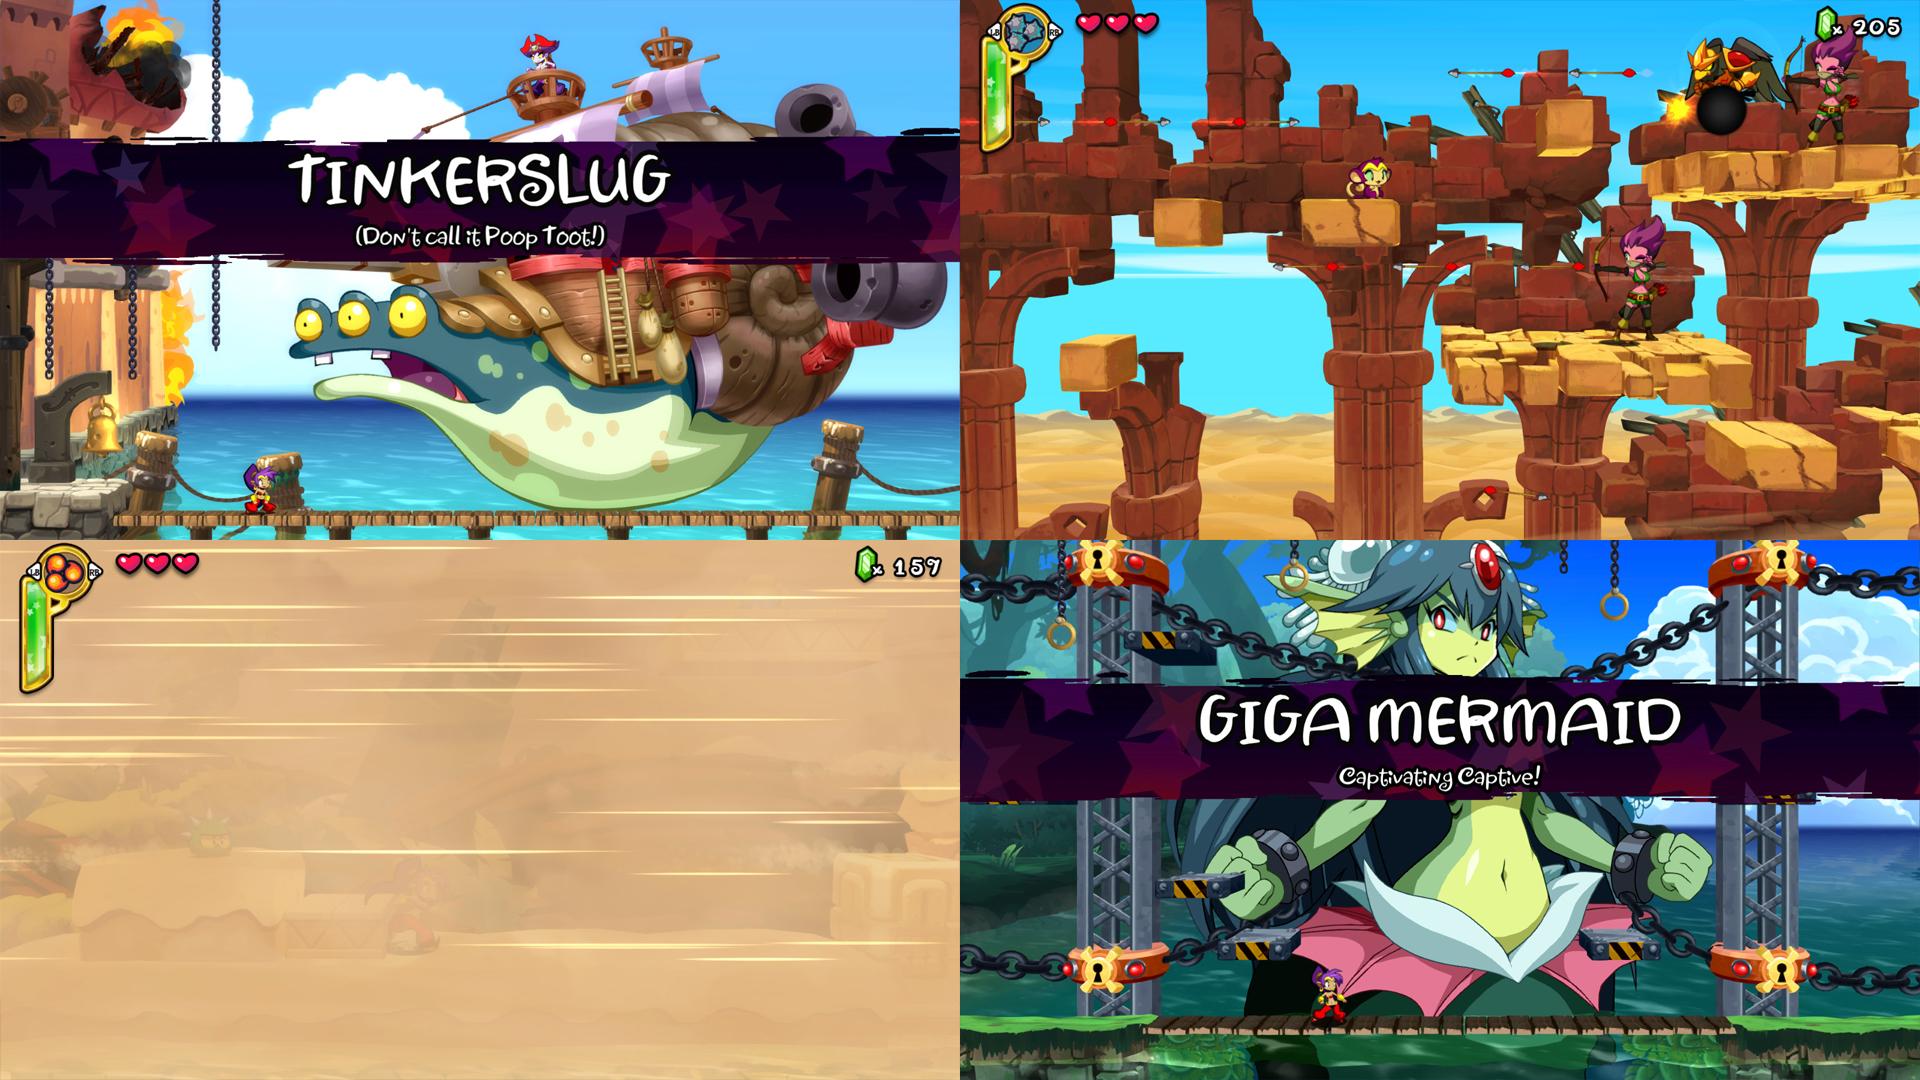 نمونهای از طراحی دشمنان و موانع مراحل مختلف